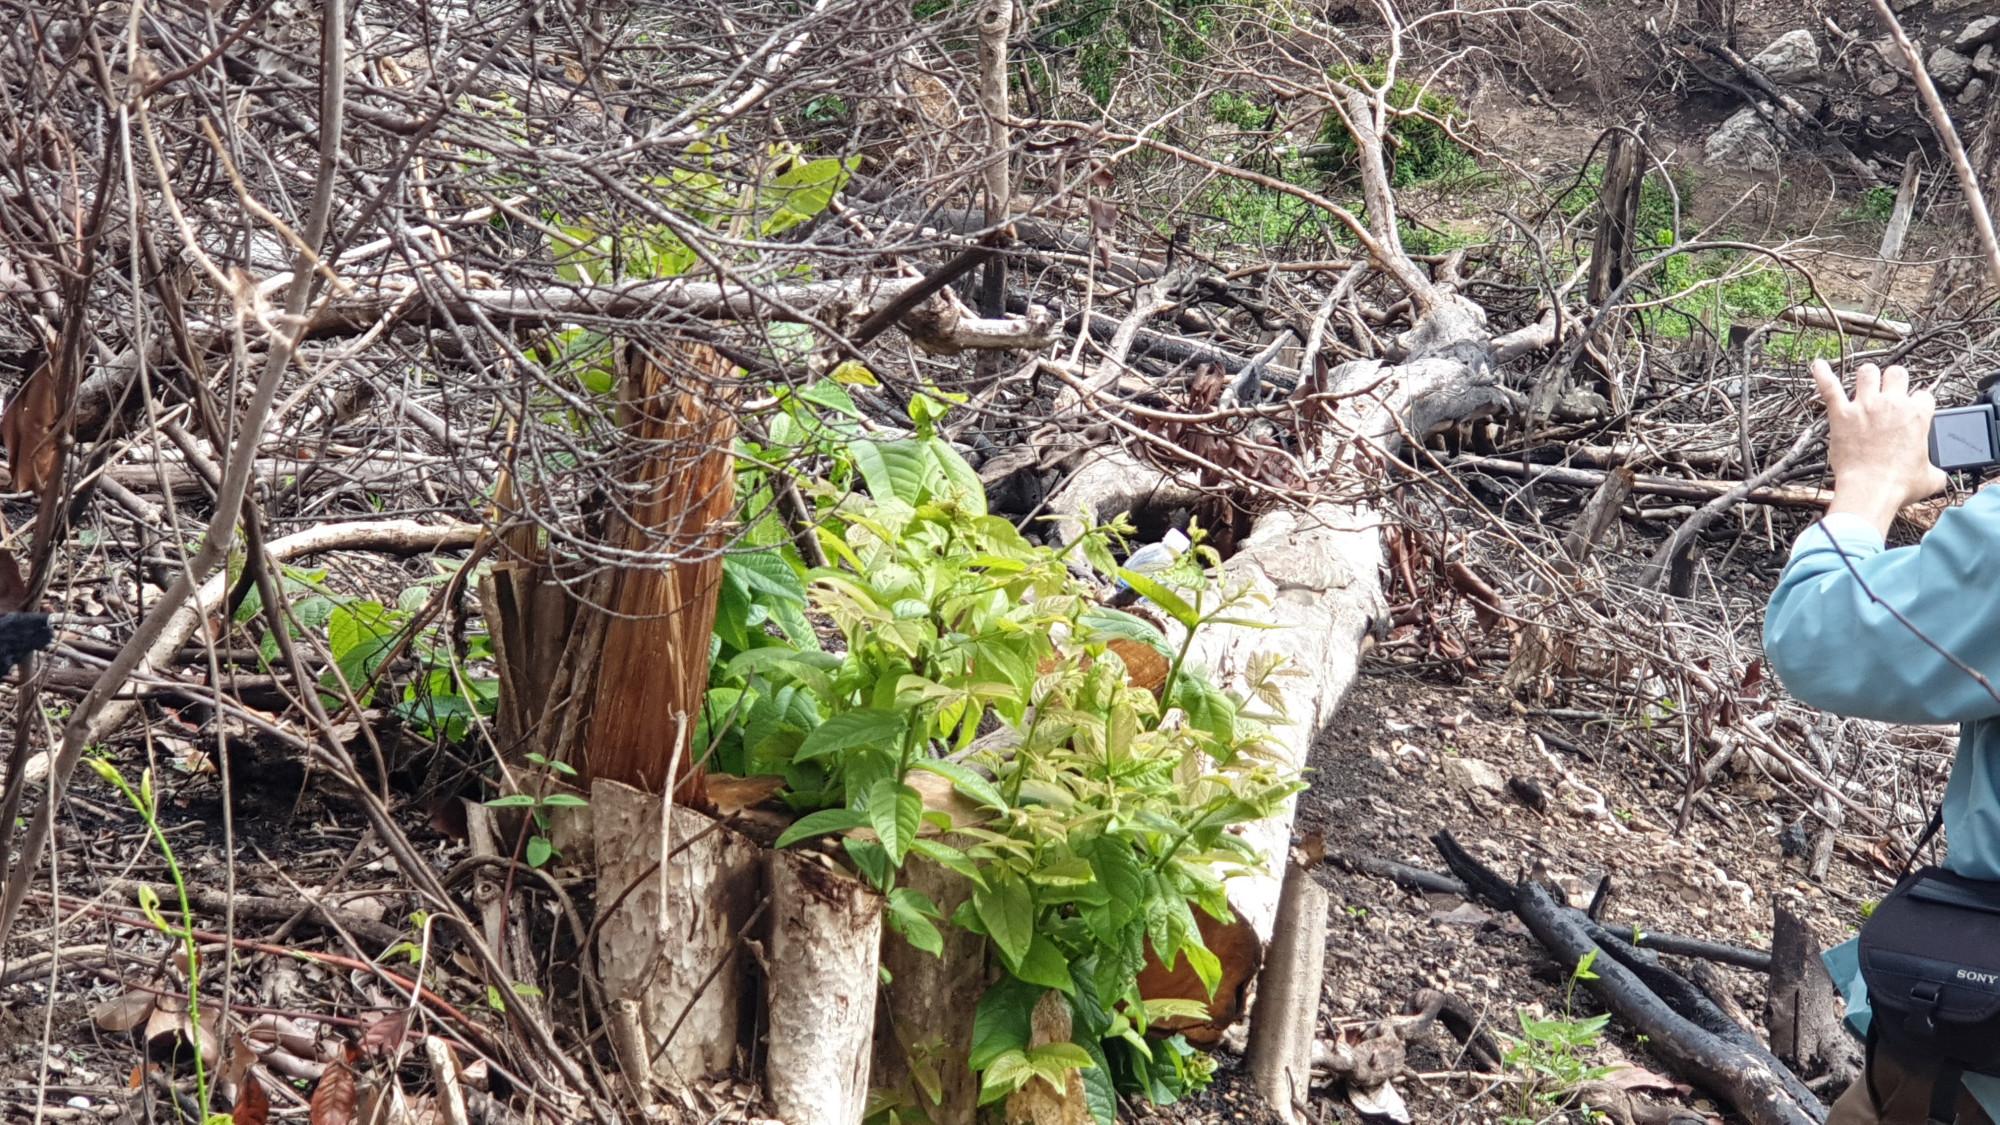 Hiện trường phá rừng thôn Tân Hội, xã Sơn Hội, huyện Sơn Hòa, tỉnh Phú Yên